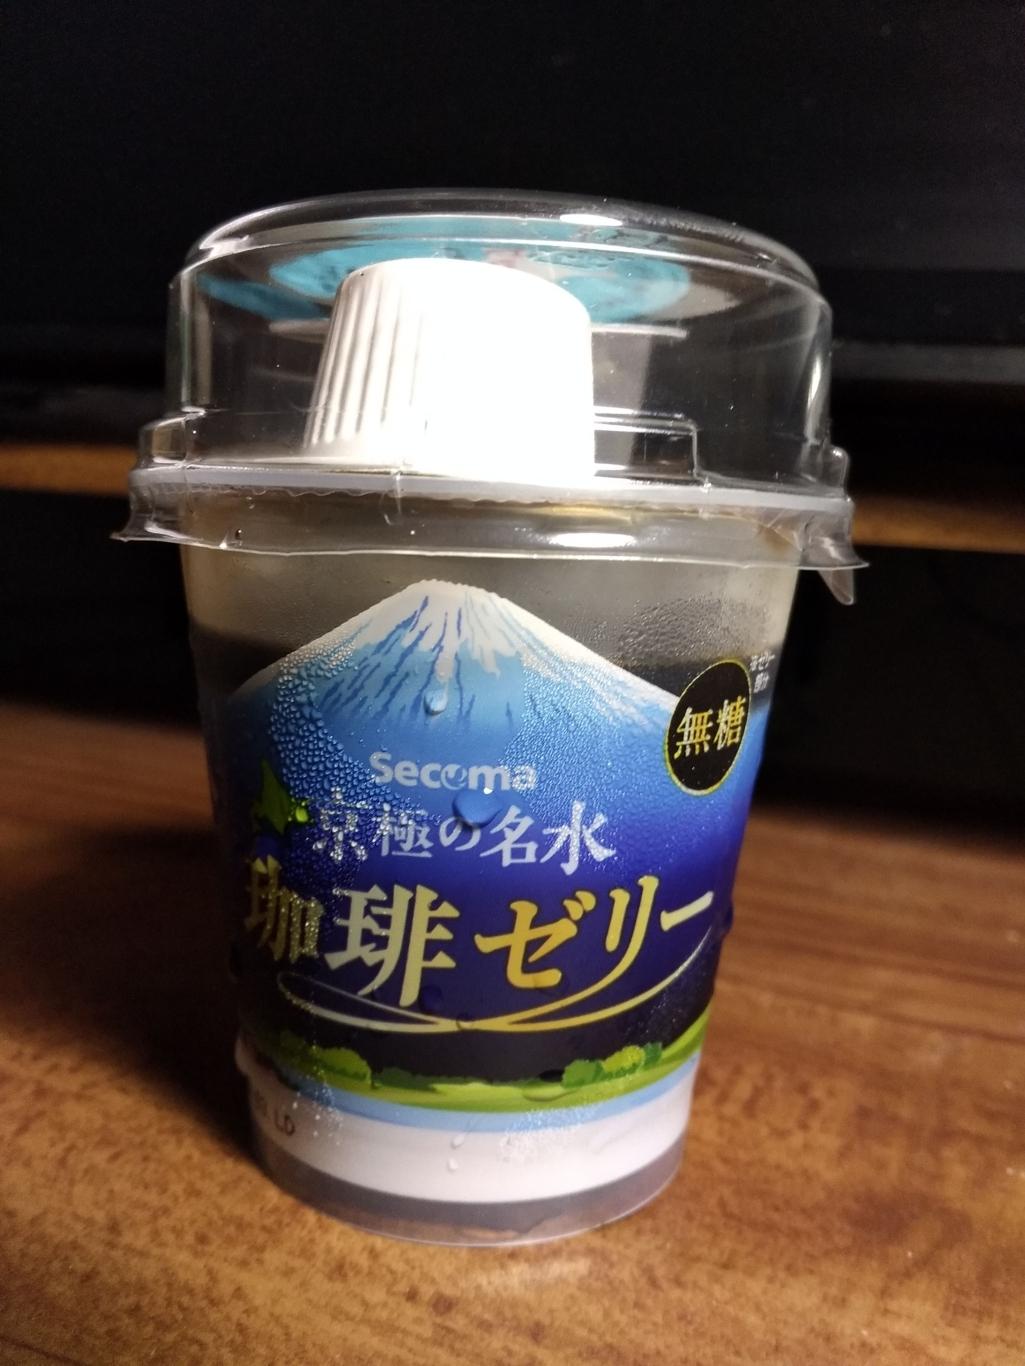 セコマ 京極の名水珈琲ゼリー